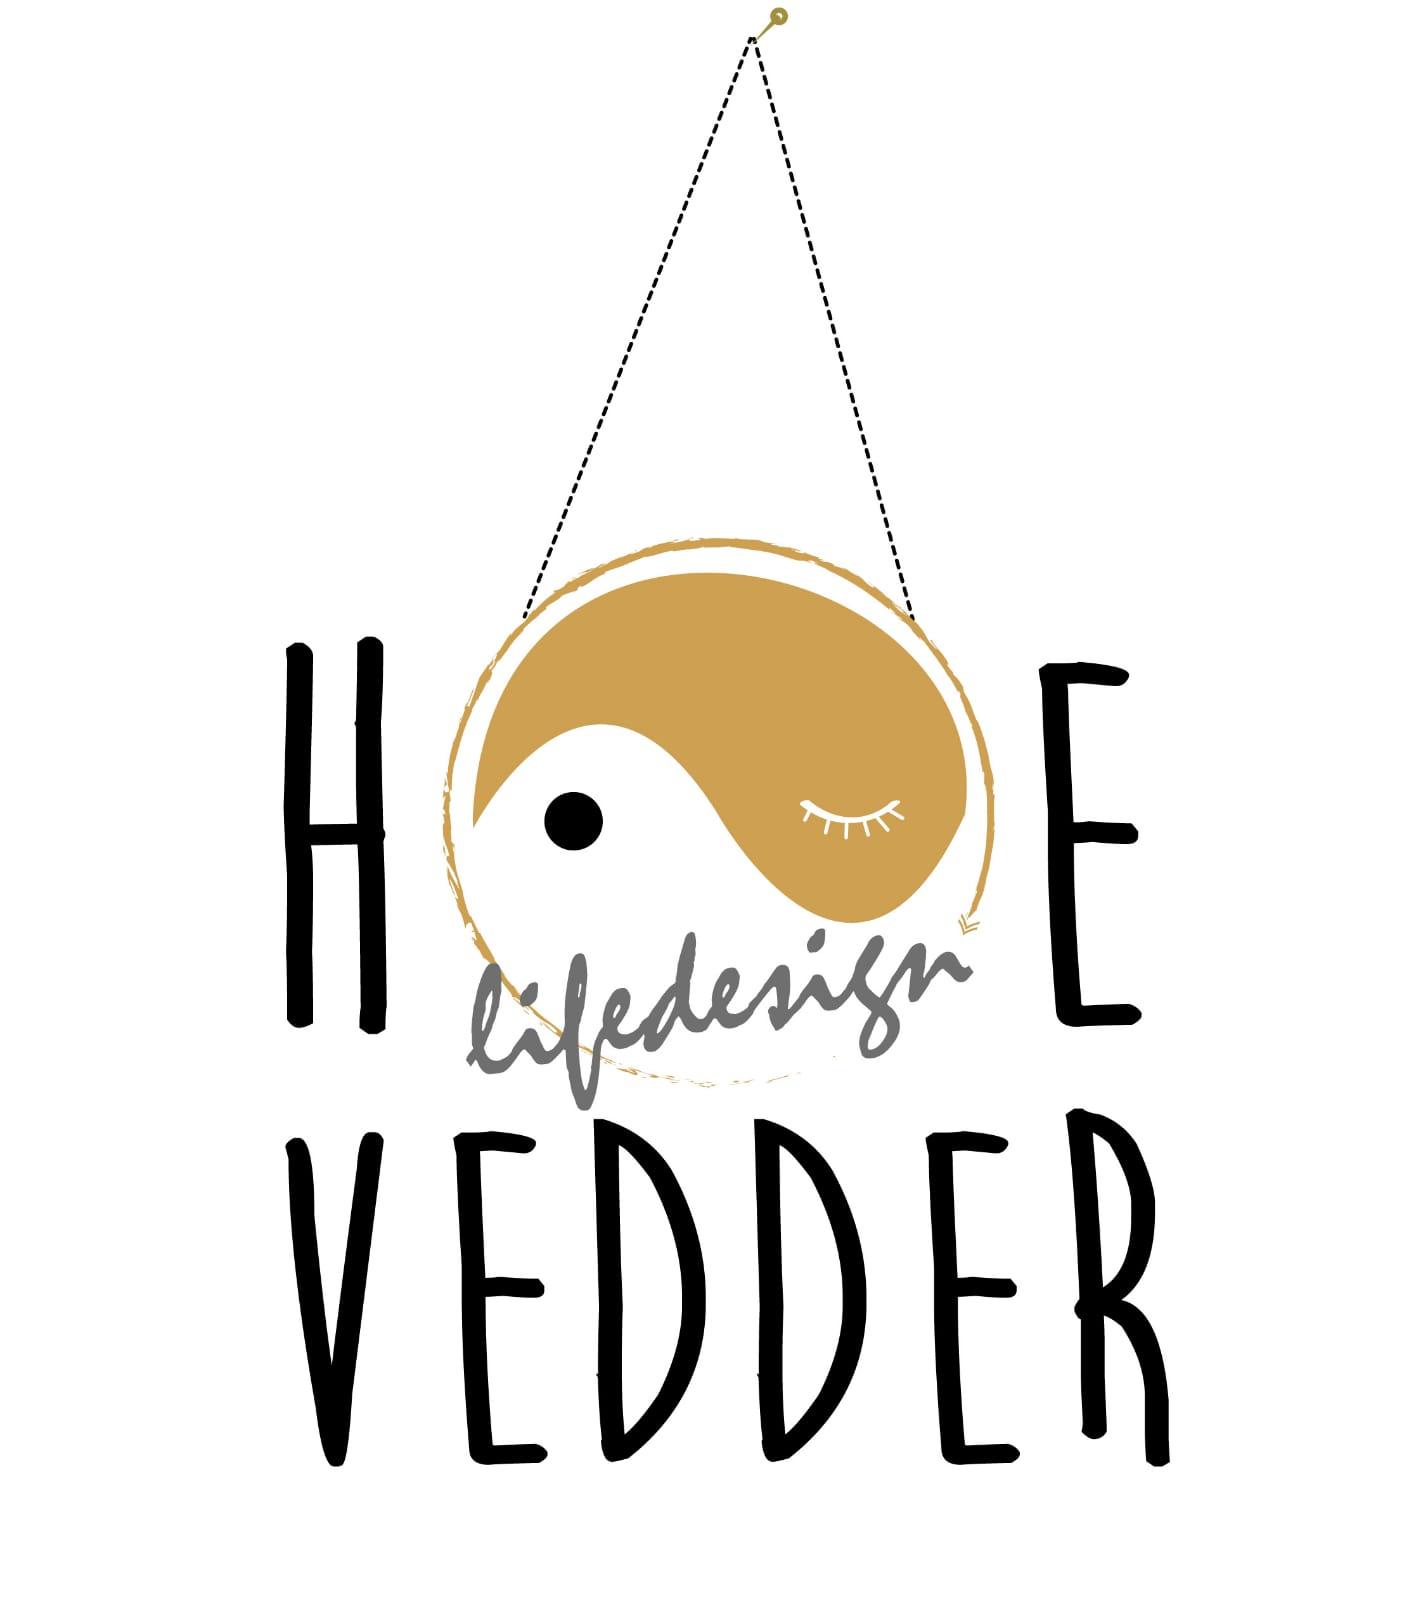 Hoe Vedder